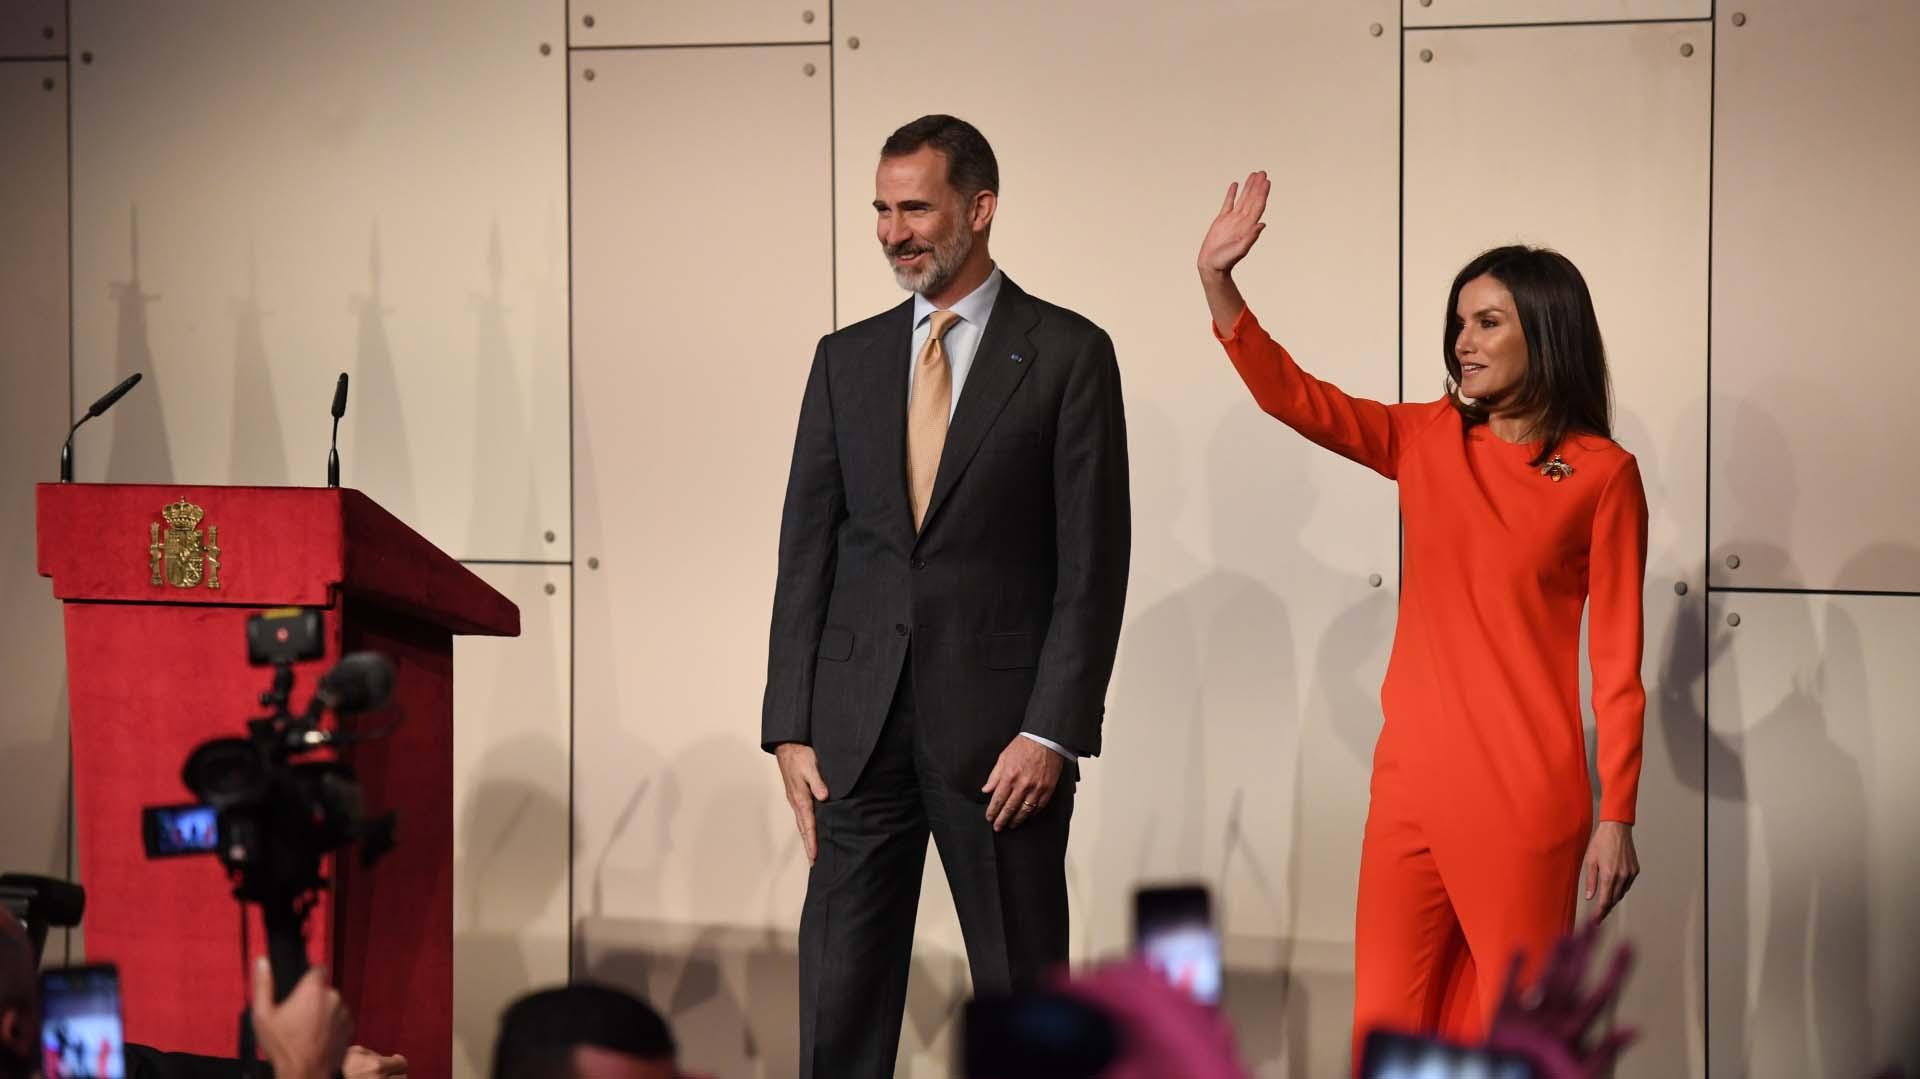 Con una agenda muy activa, Felipe VI y Letizia mantuvieron un encuentro con la colectividad española que vive en Argentina